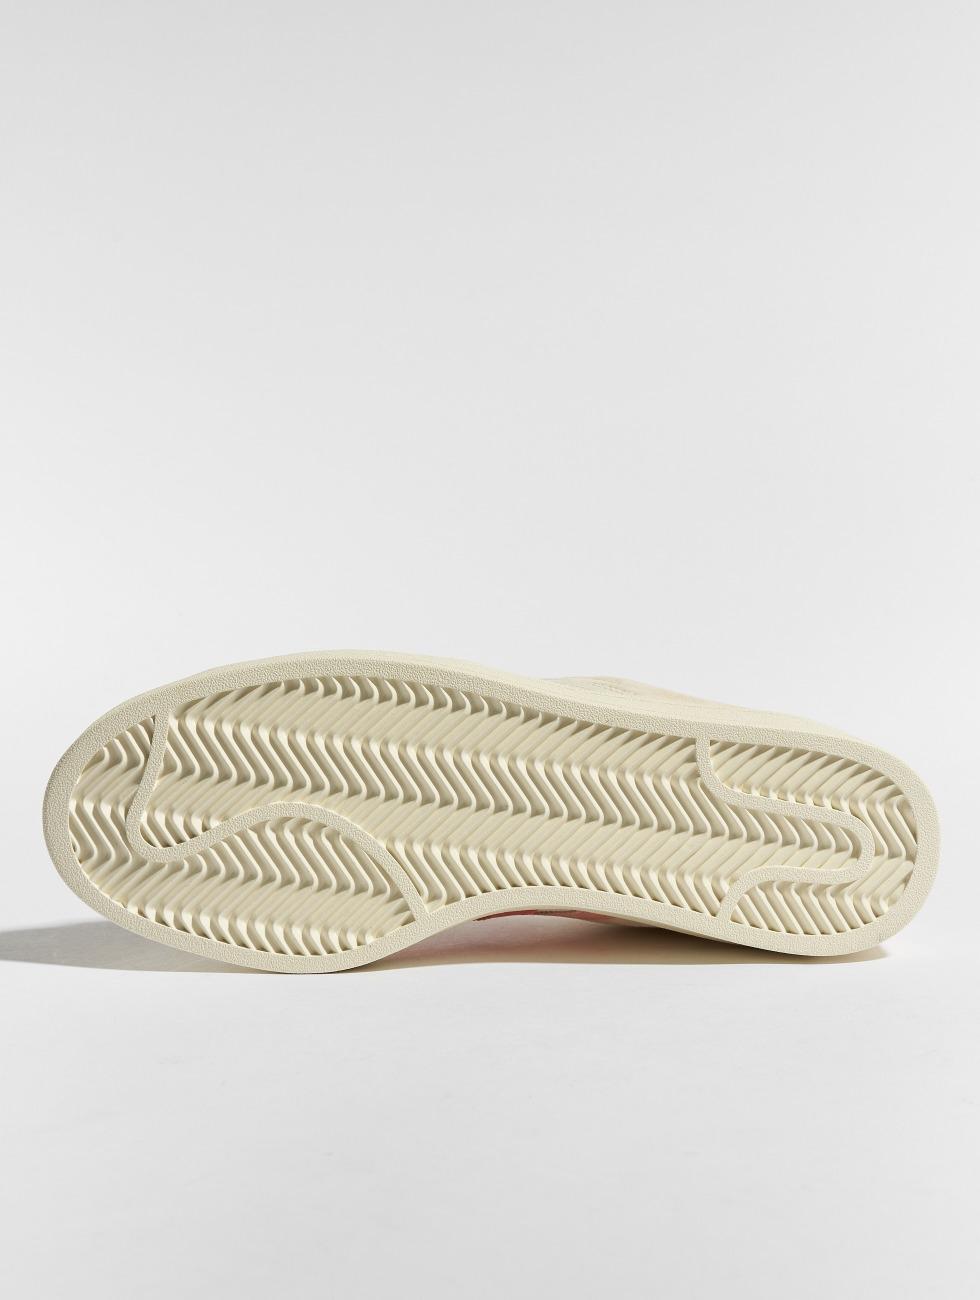 adidas originals schoen / sneaker Campus Pride in wit 498307 Korting 2018 Nieuwe 415hZ